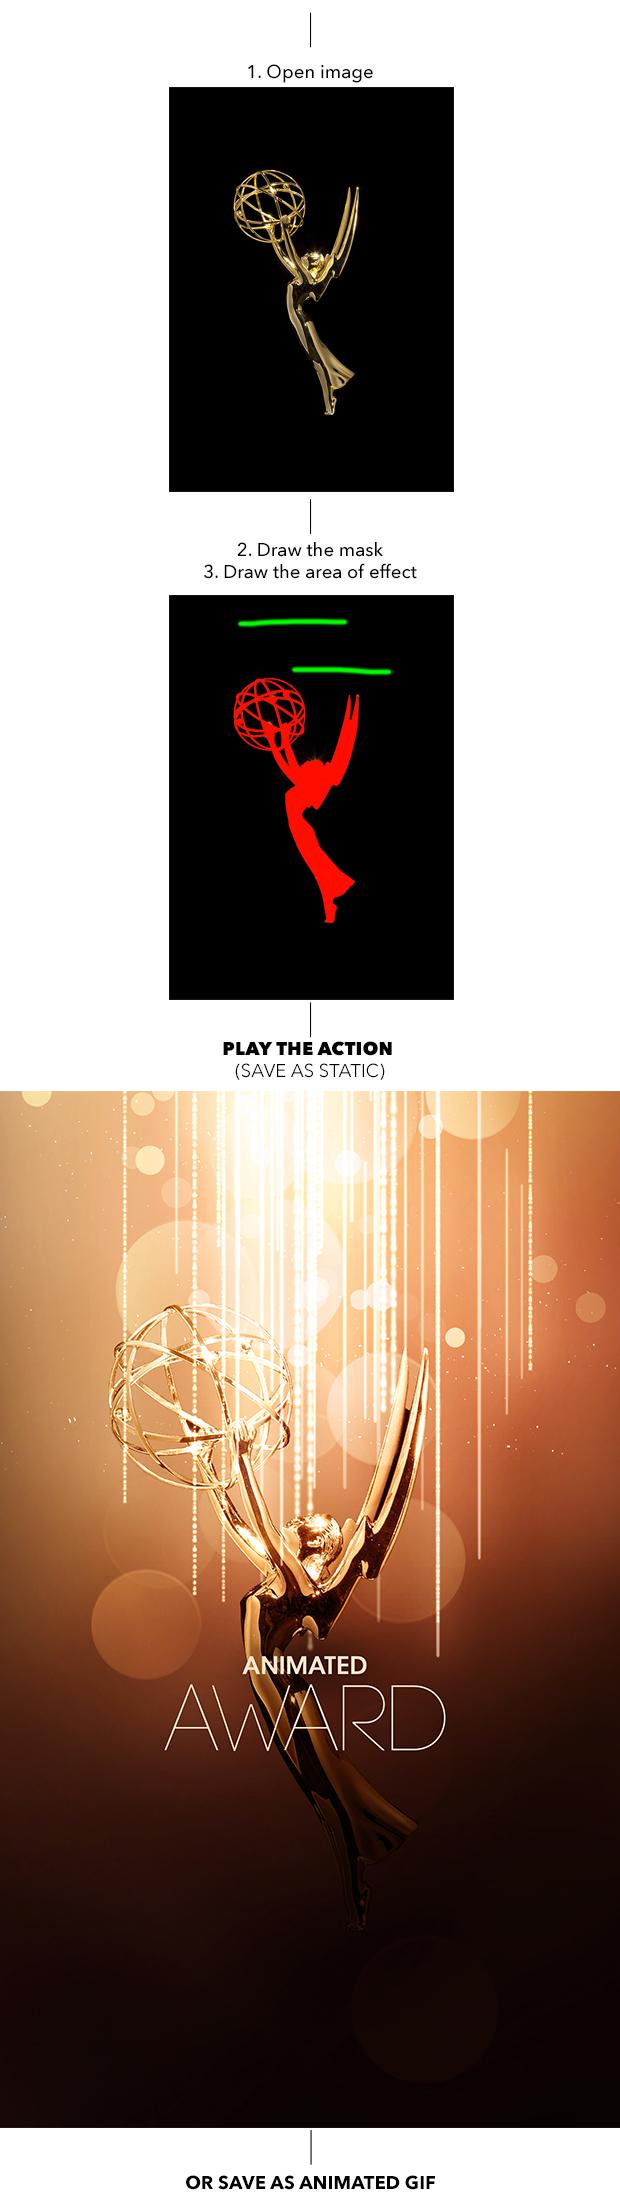 Gif Animated Award Effect Photoshop Action - 1